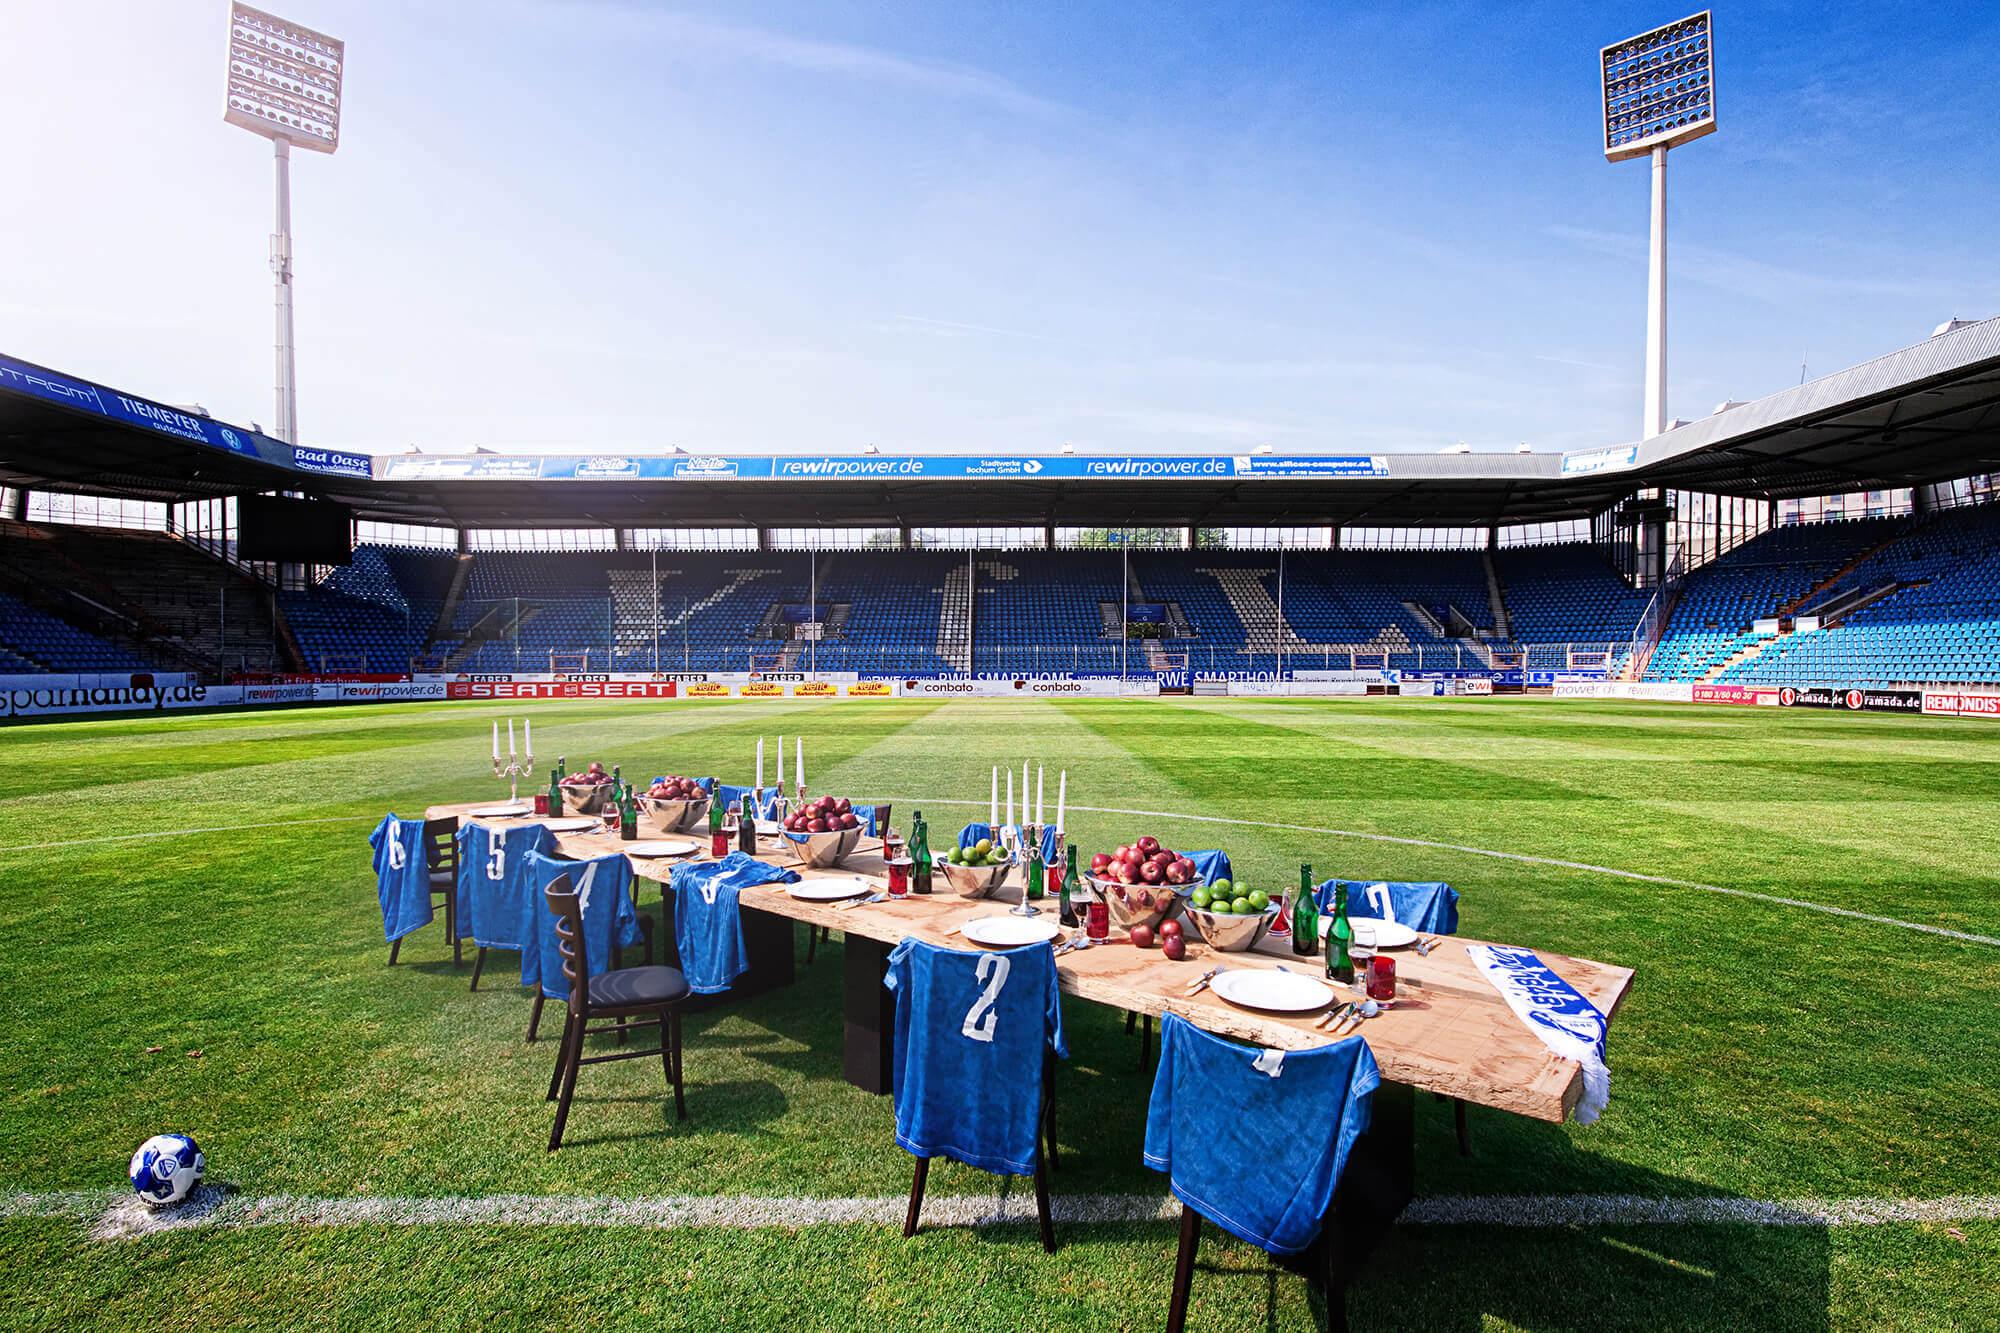 Ortsbild Stadion VfL Bochum - Handwerk